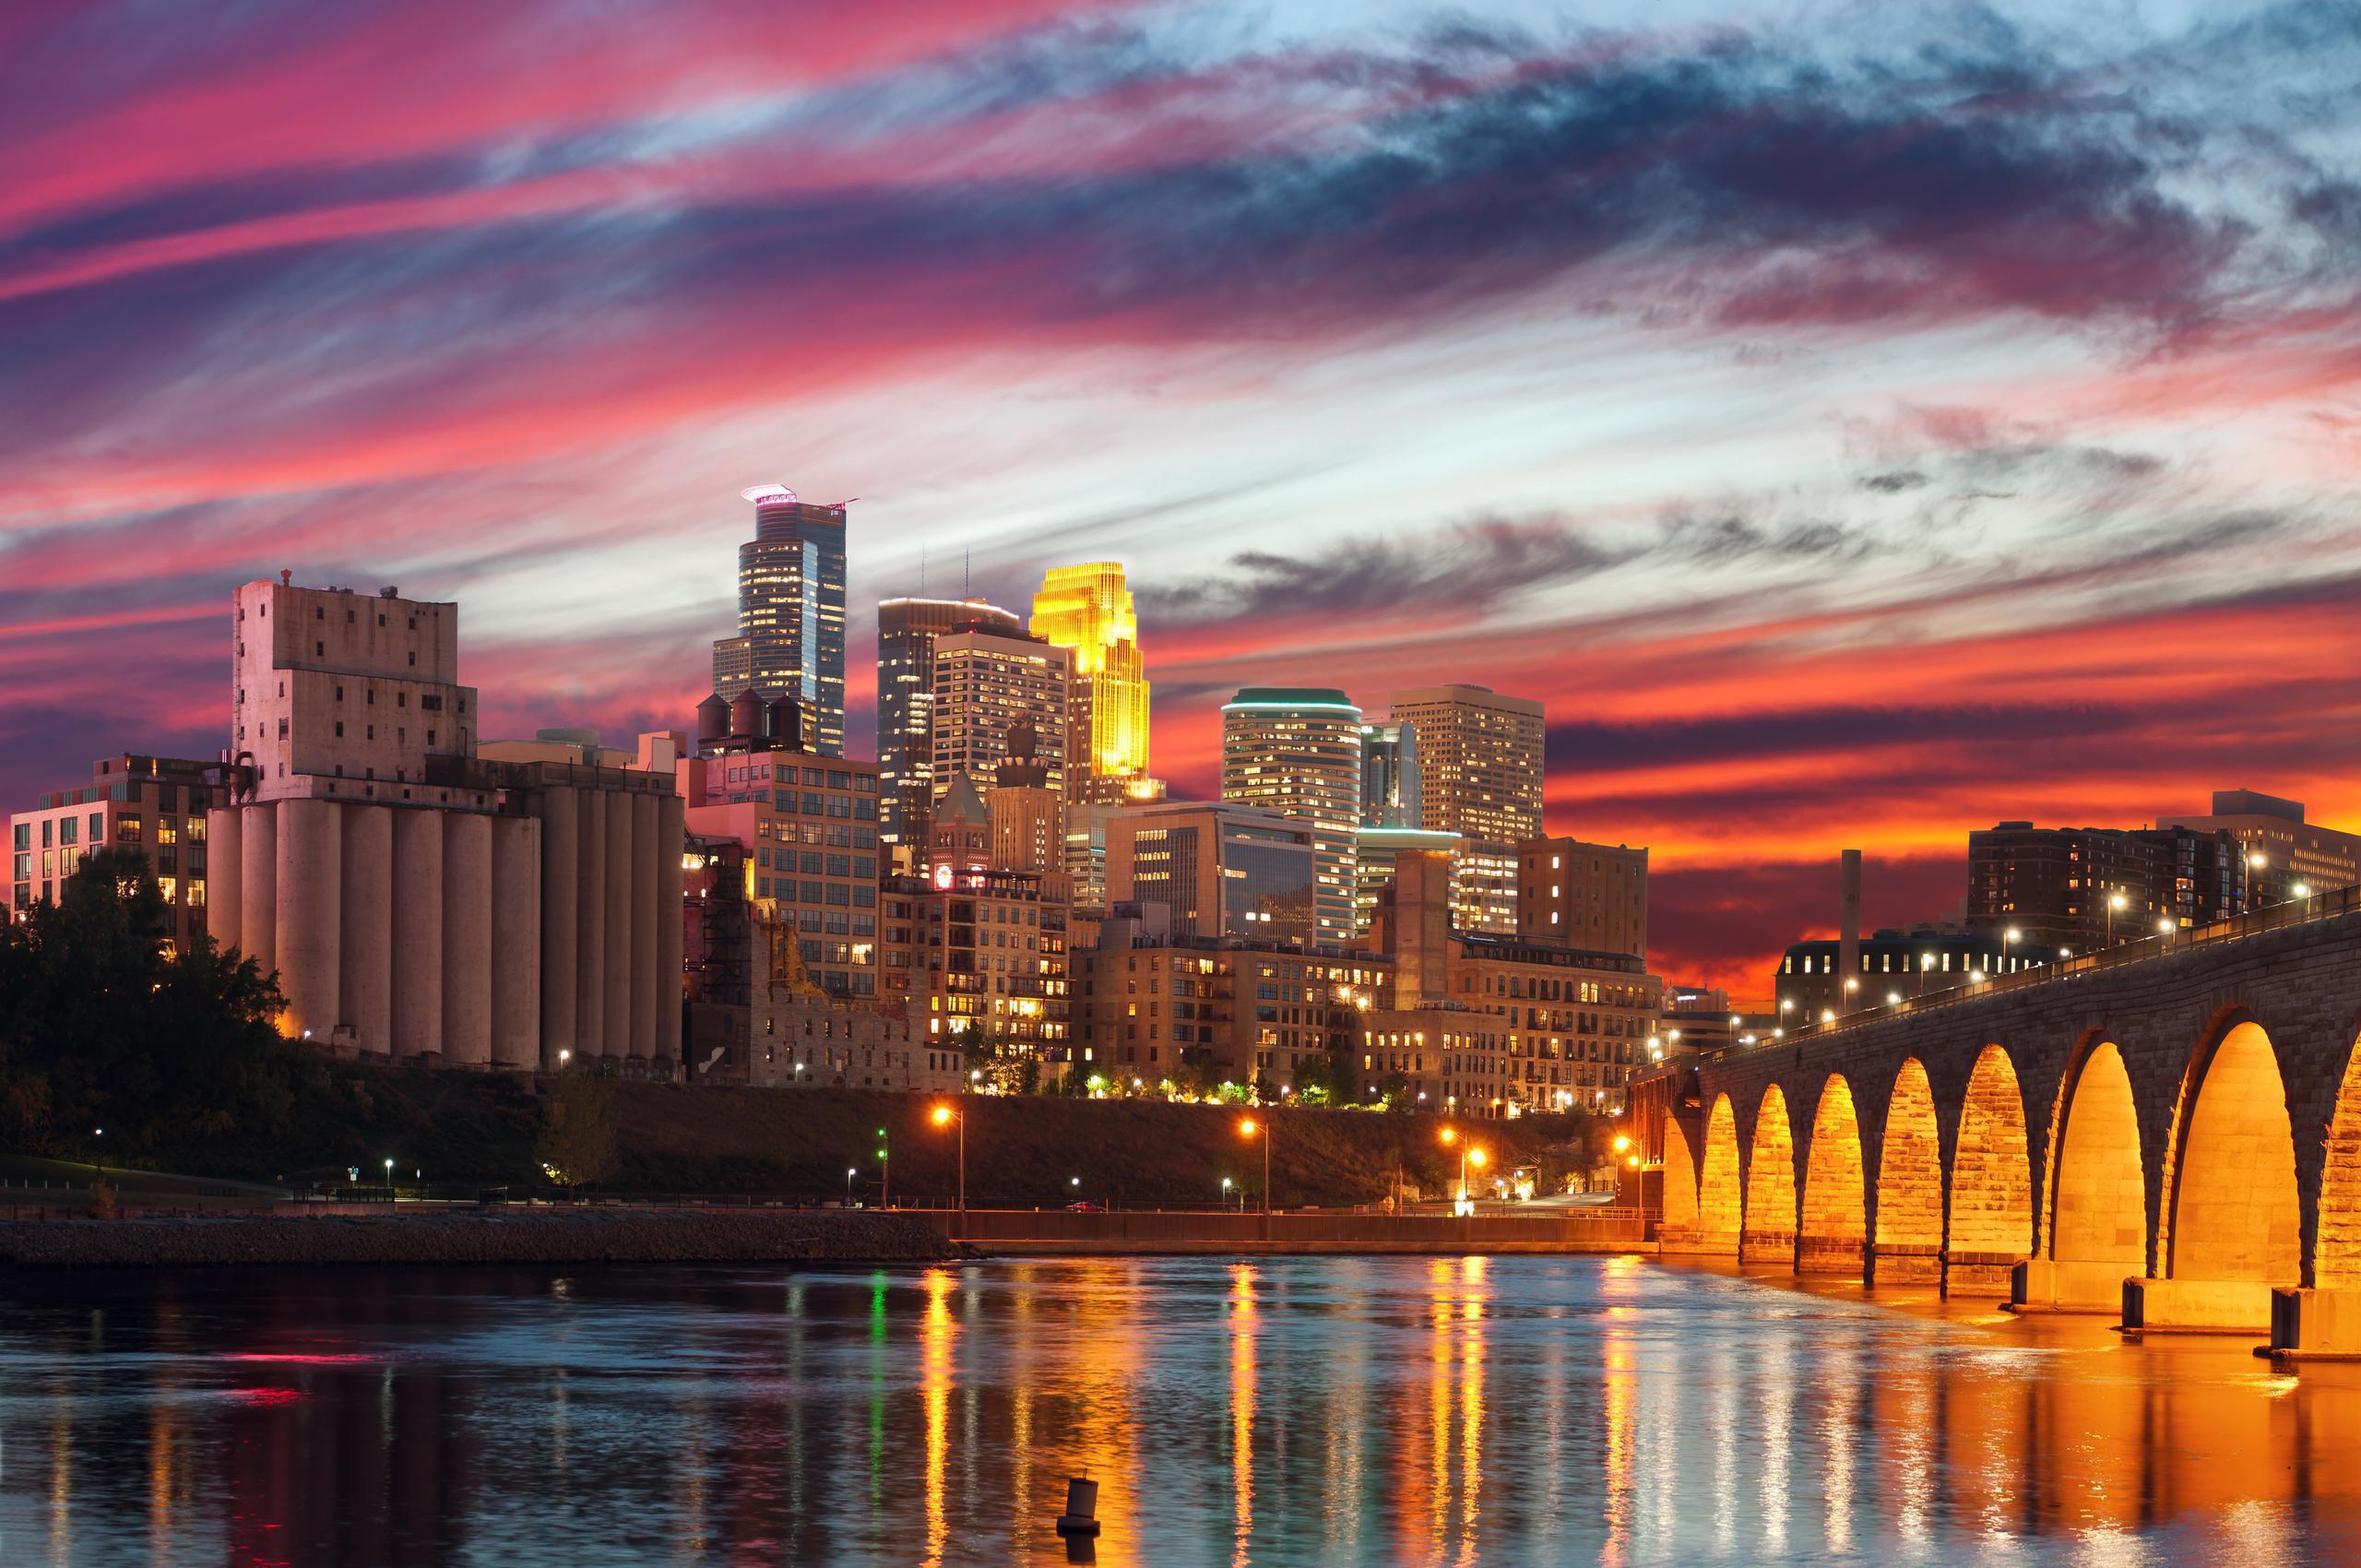 Downtown Minneapolis at Twilight